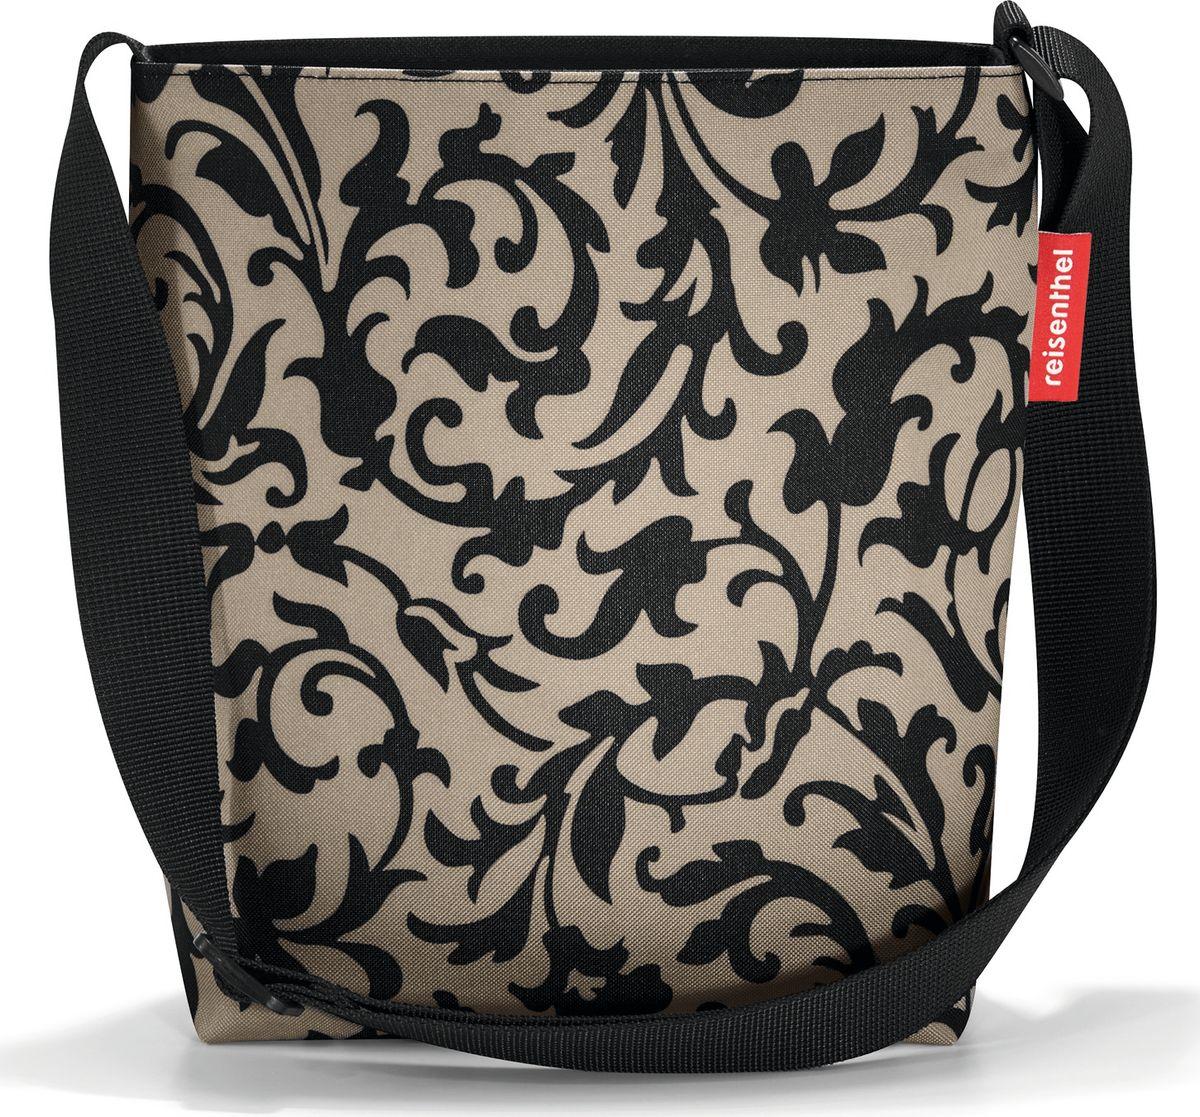 Сумка женская Reisenthel Shoulderbag S, цвет: бежевый. HY702710931-1Простая, но очень вместительная сумка на плечо. Сочетание нескольких цветов позволяет носить сумку со множеством самых разных нарядов, не изменяя собственному стилю.Застегивается на молнию. Широкий удобный ремень регулируемой длины.